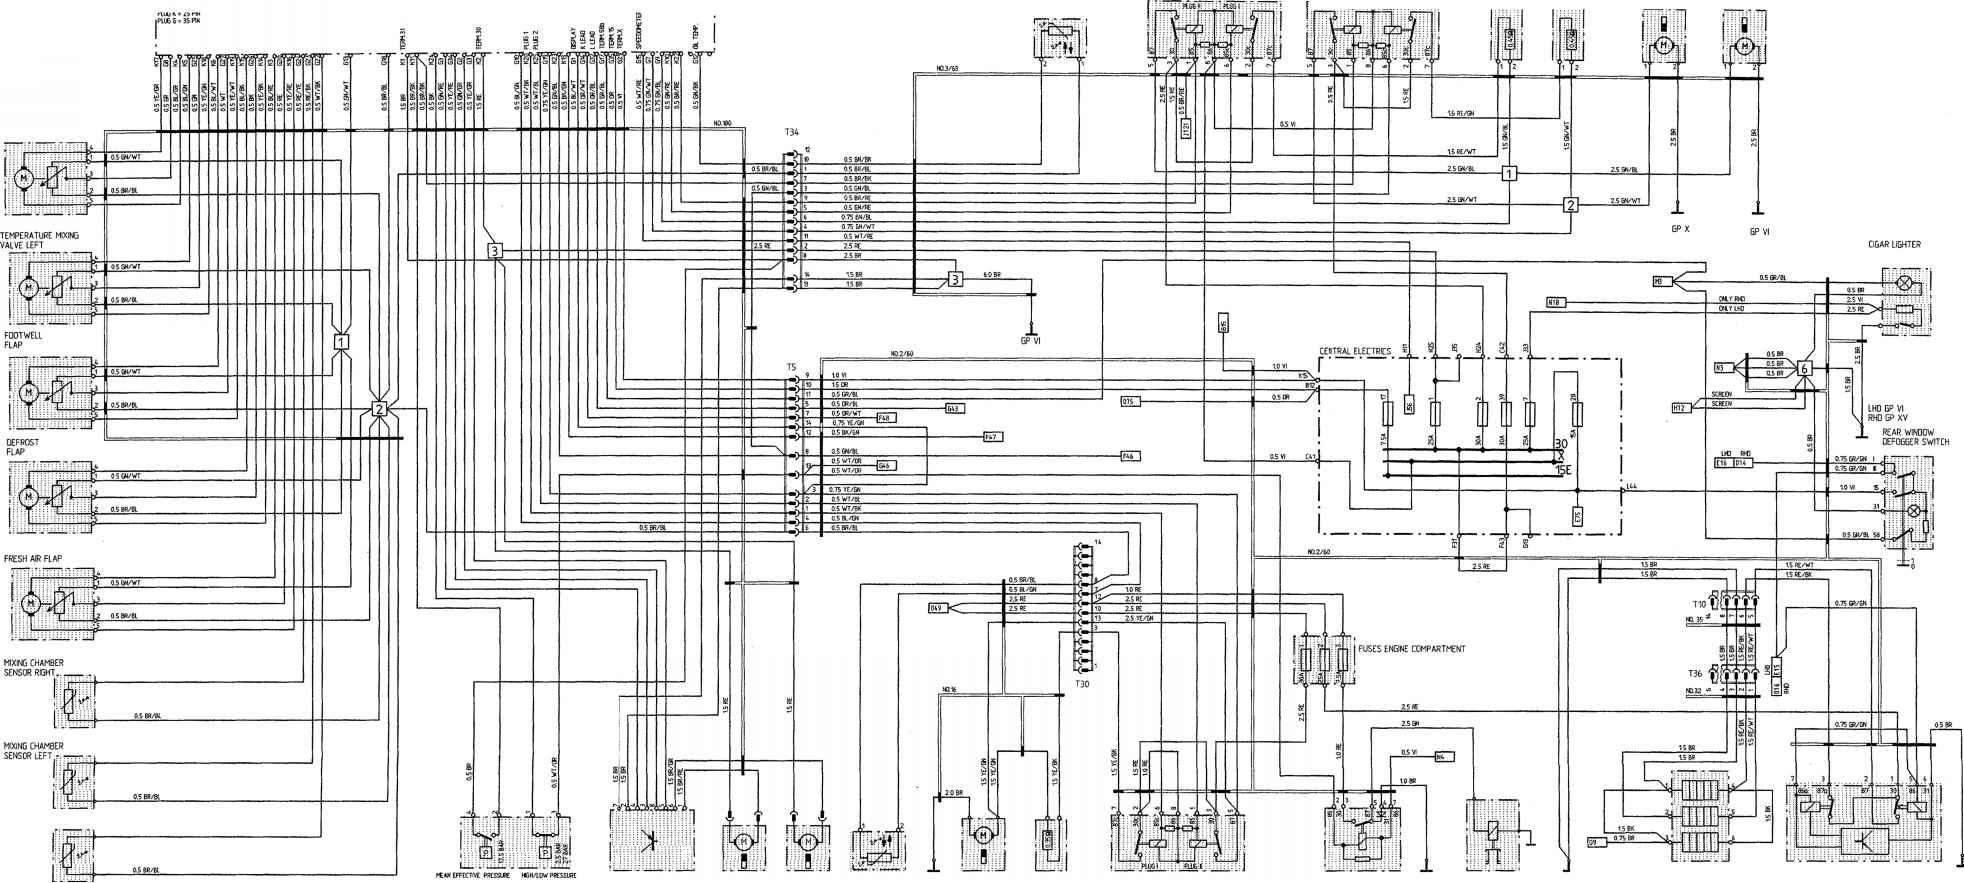 1987 porsche 924s wiring diagram switch to light 928